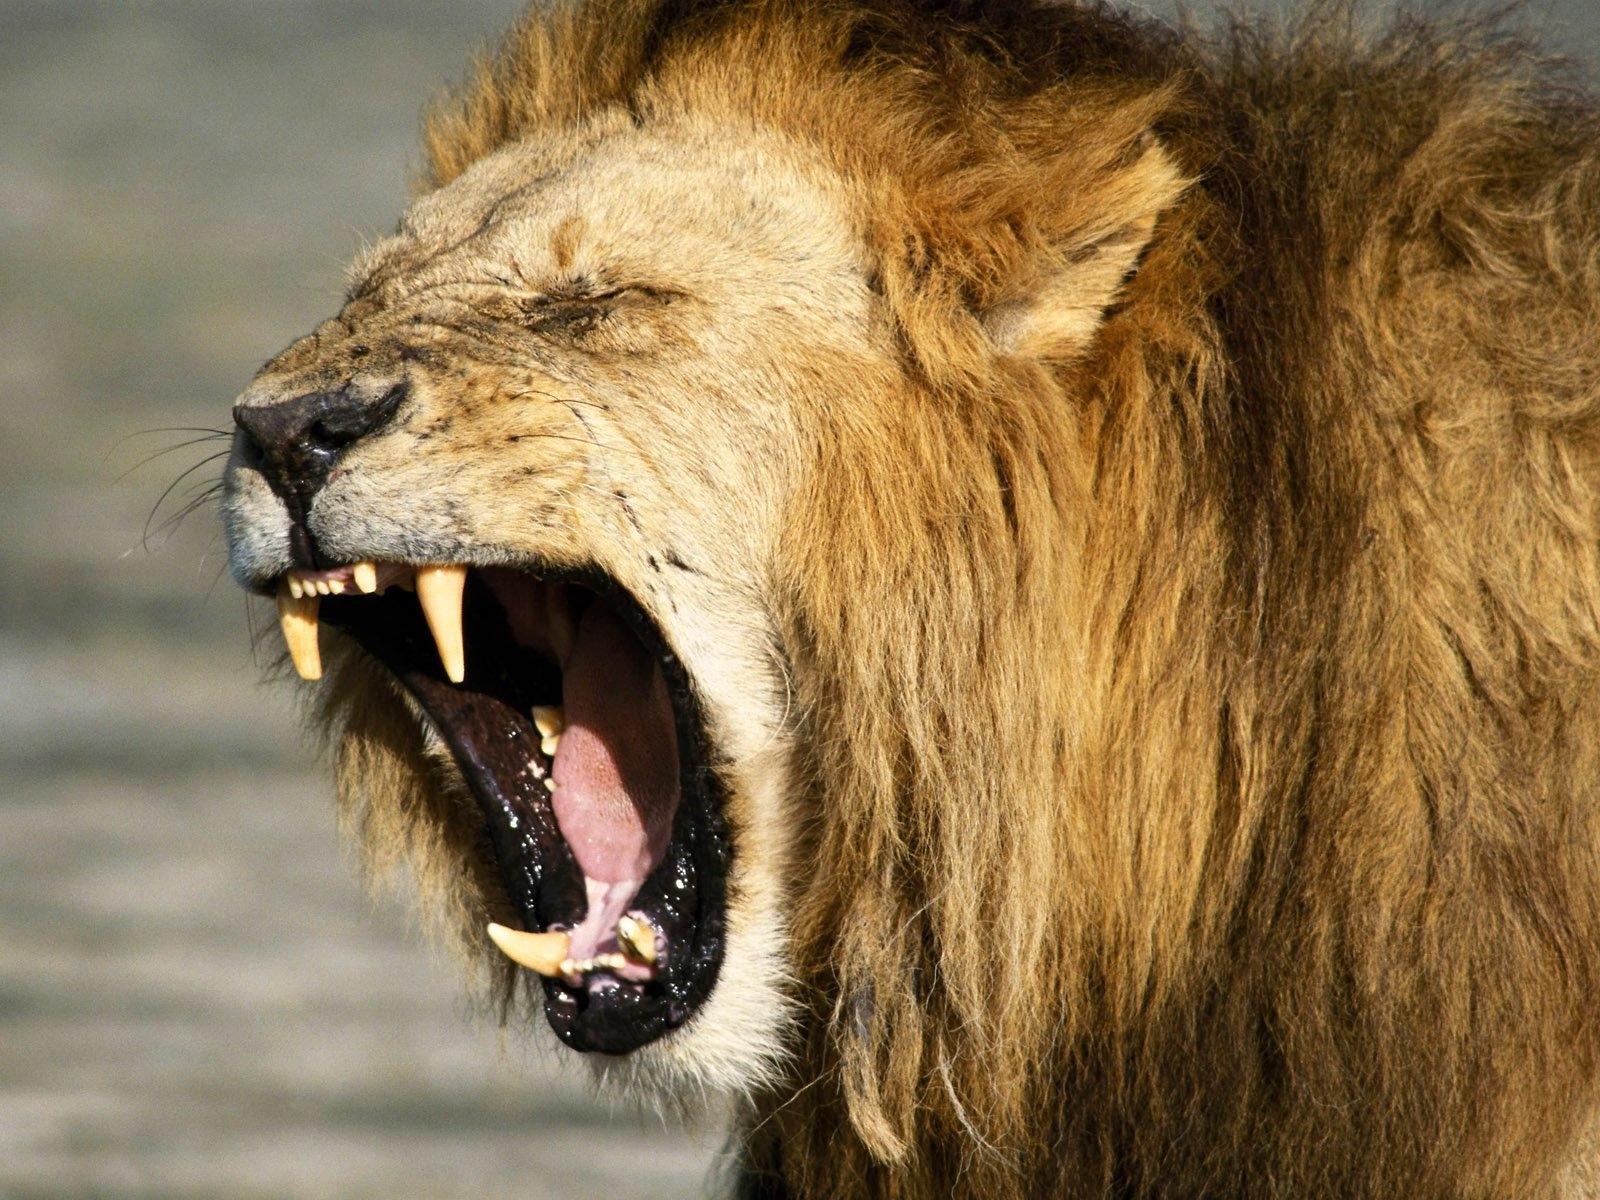 Imagenes de leones imagen leon muy cabreado - Animales salvajes apareandose ...